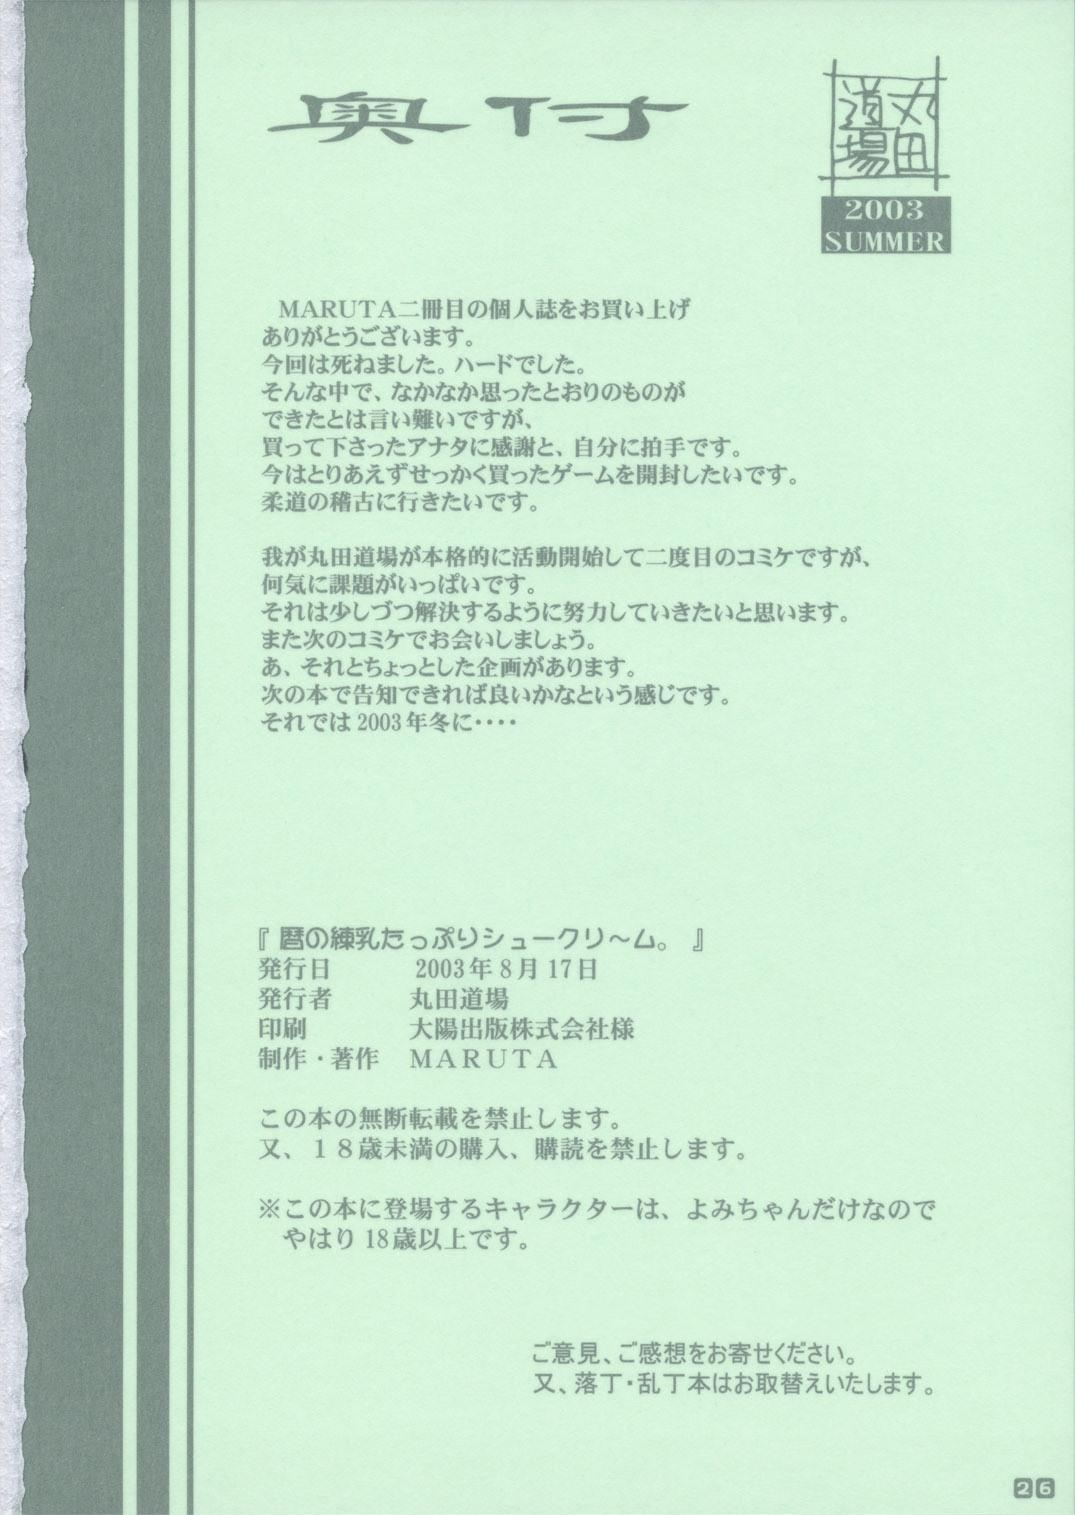 (C64) [MARUTA-DOJO (MARUTA)] Koyomi no Ren-nyu Tappuri Syu-Kuri-mu (Azumanga-Daioh) 26